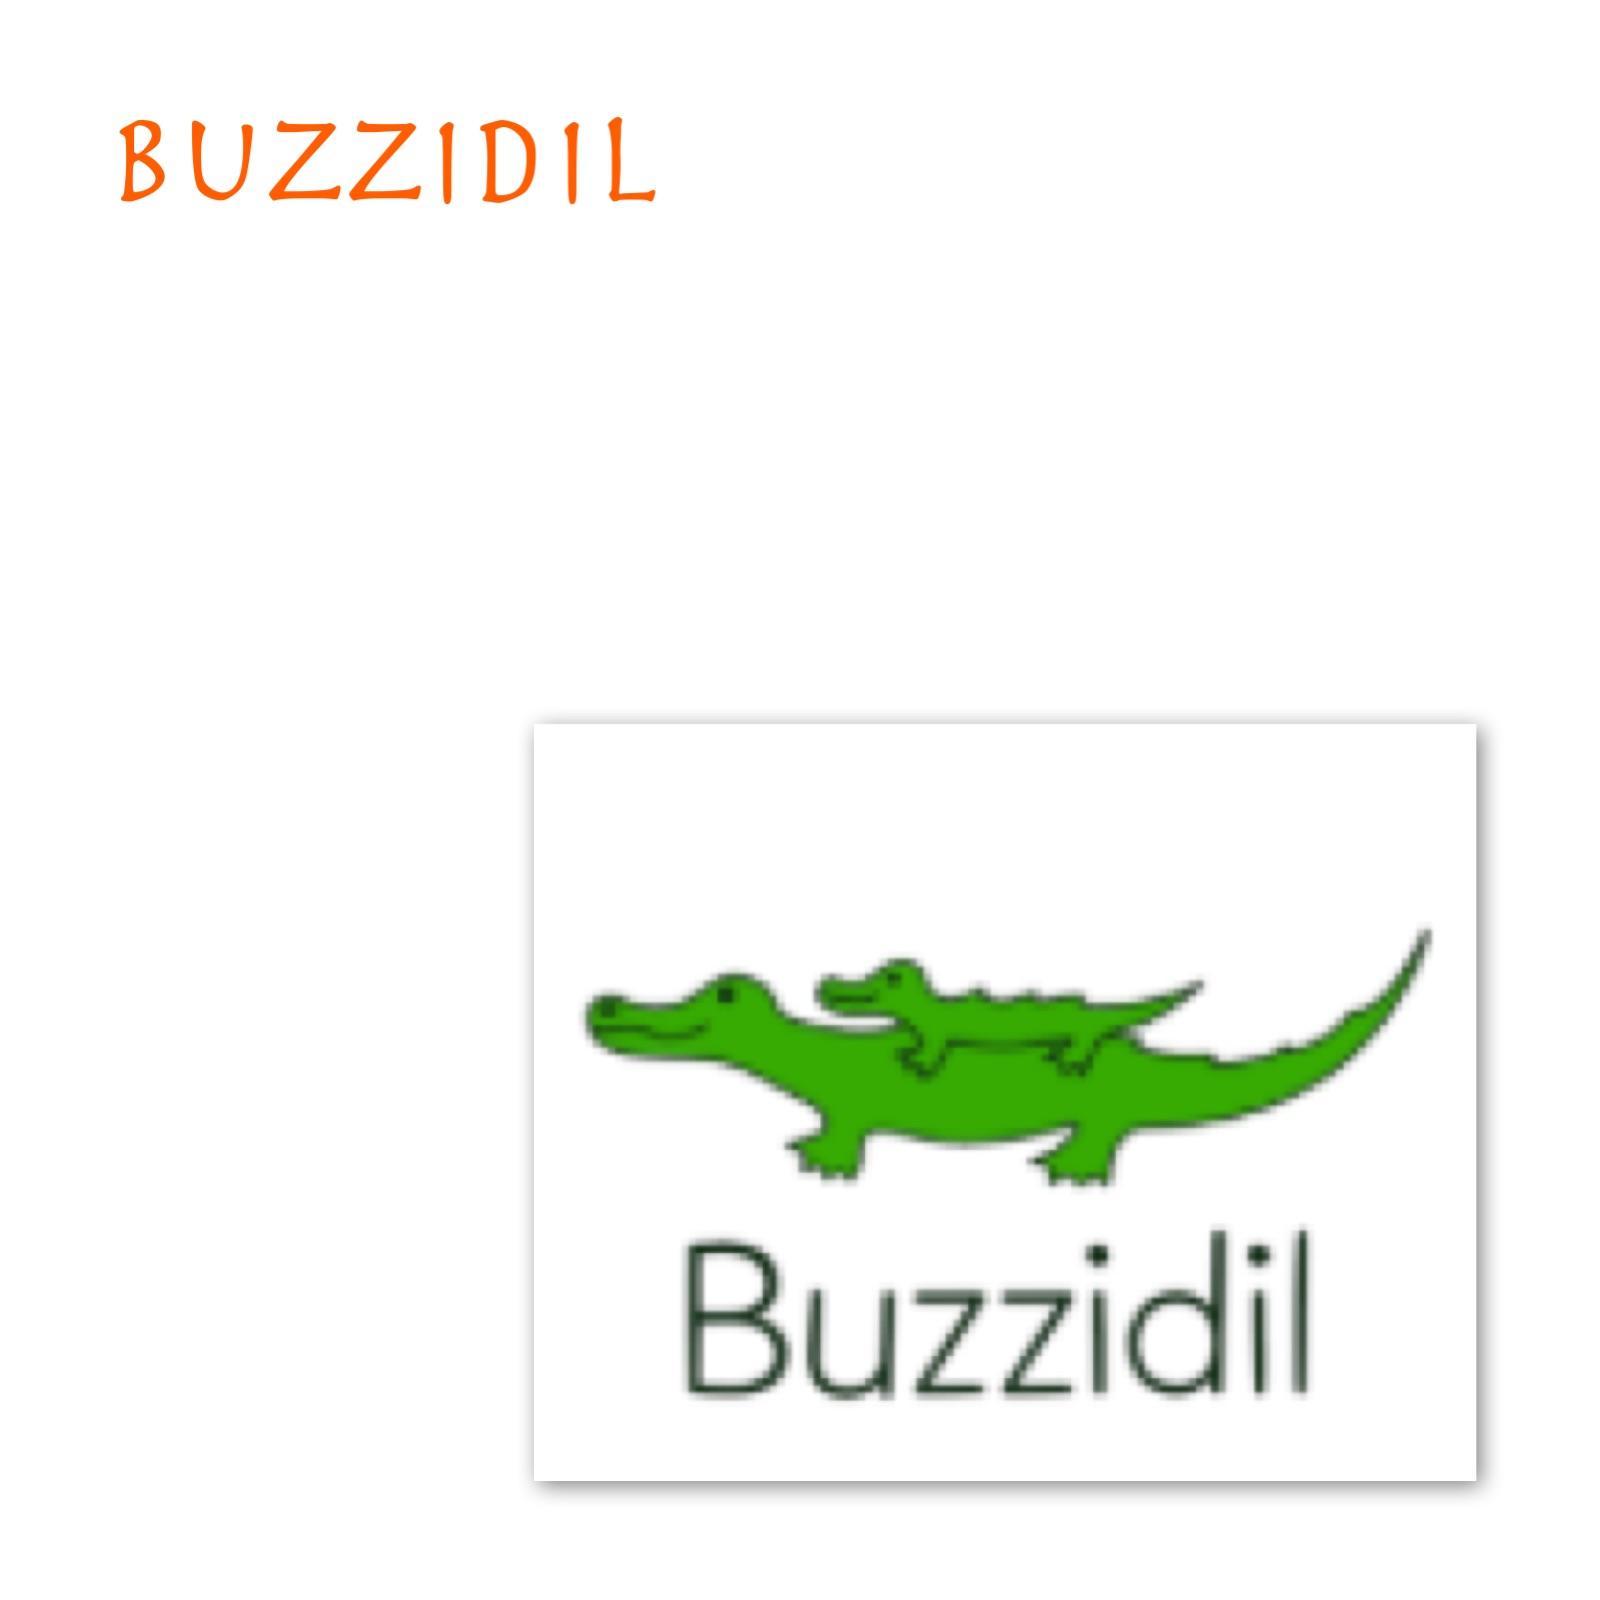 Accessoires Buzzidil